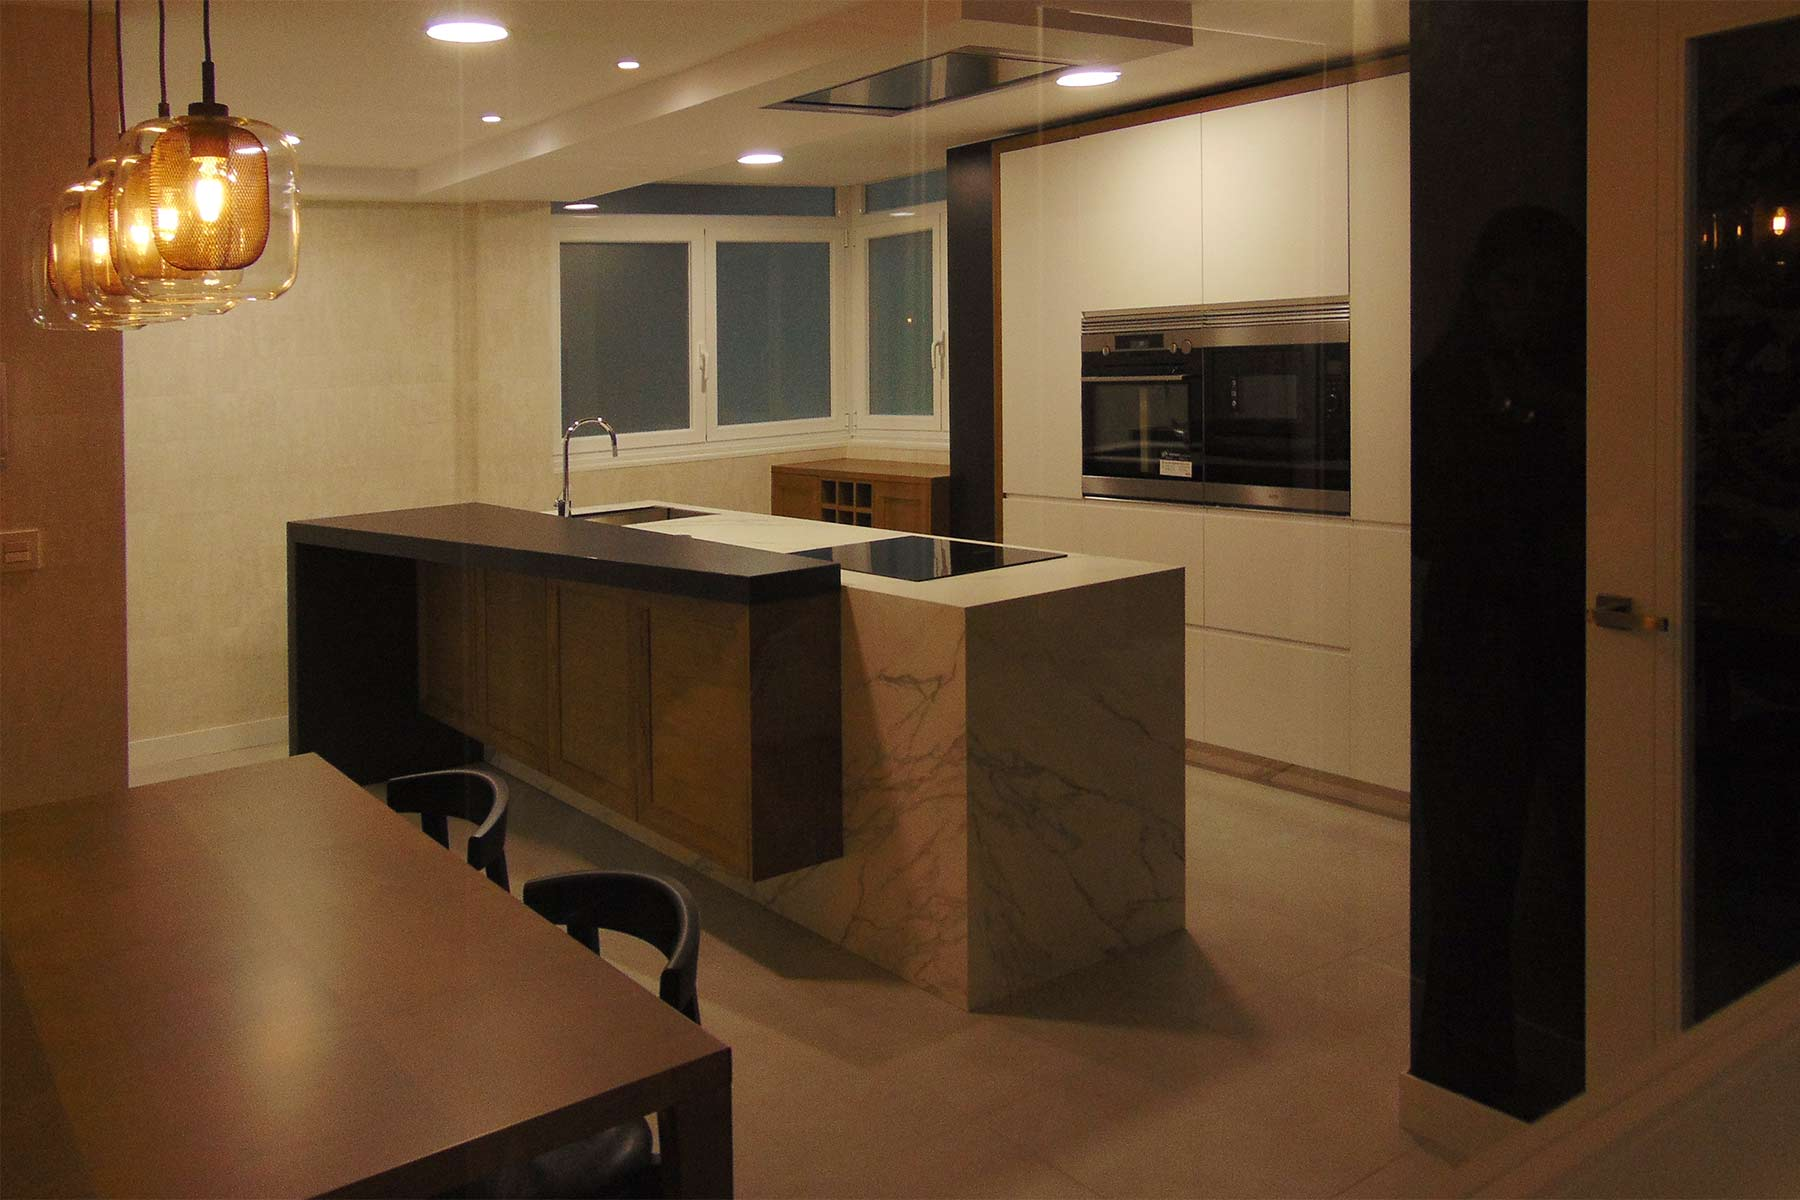 vista general de cocina abierta en isla